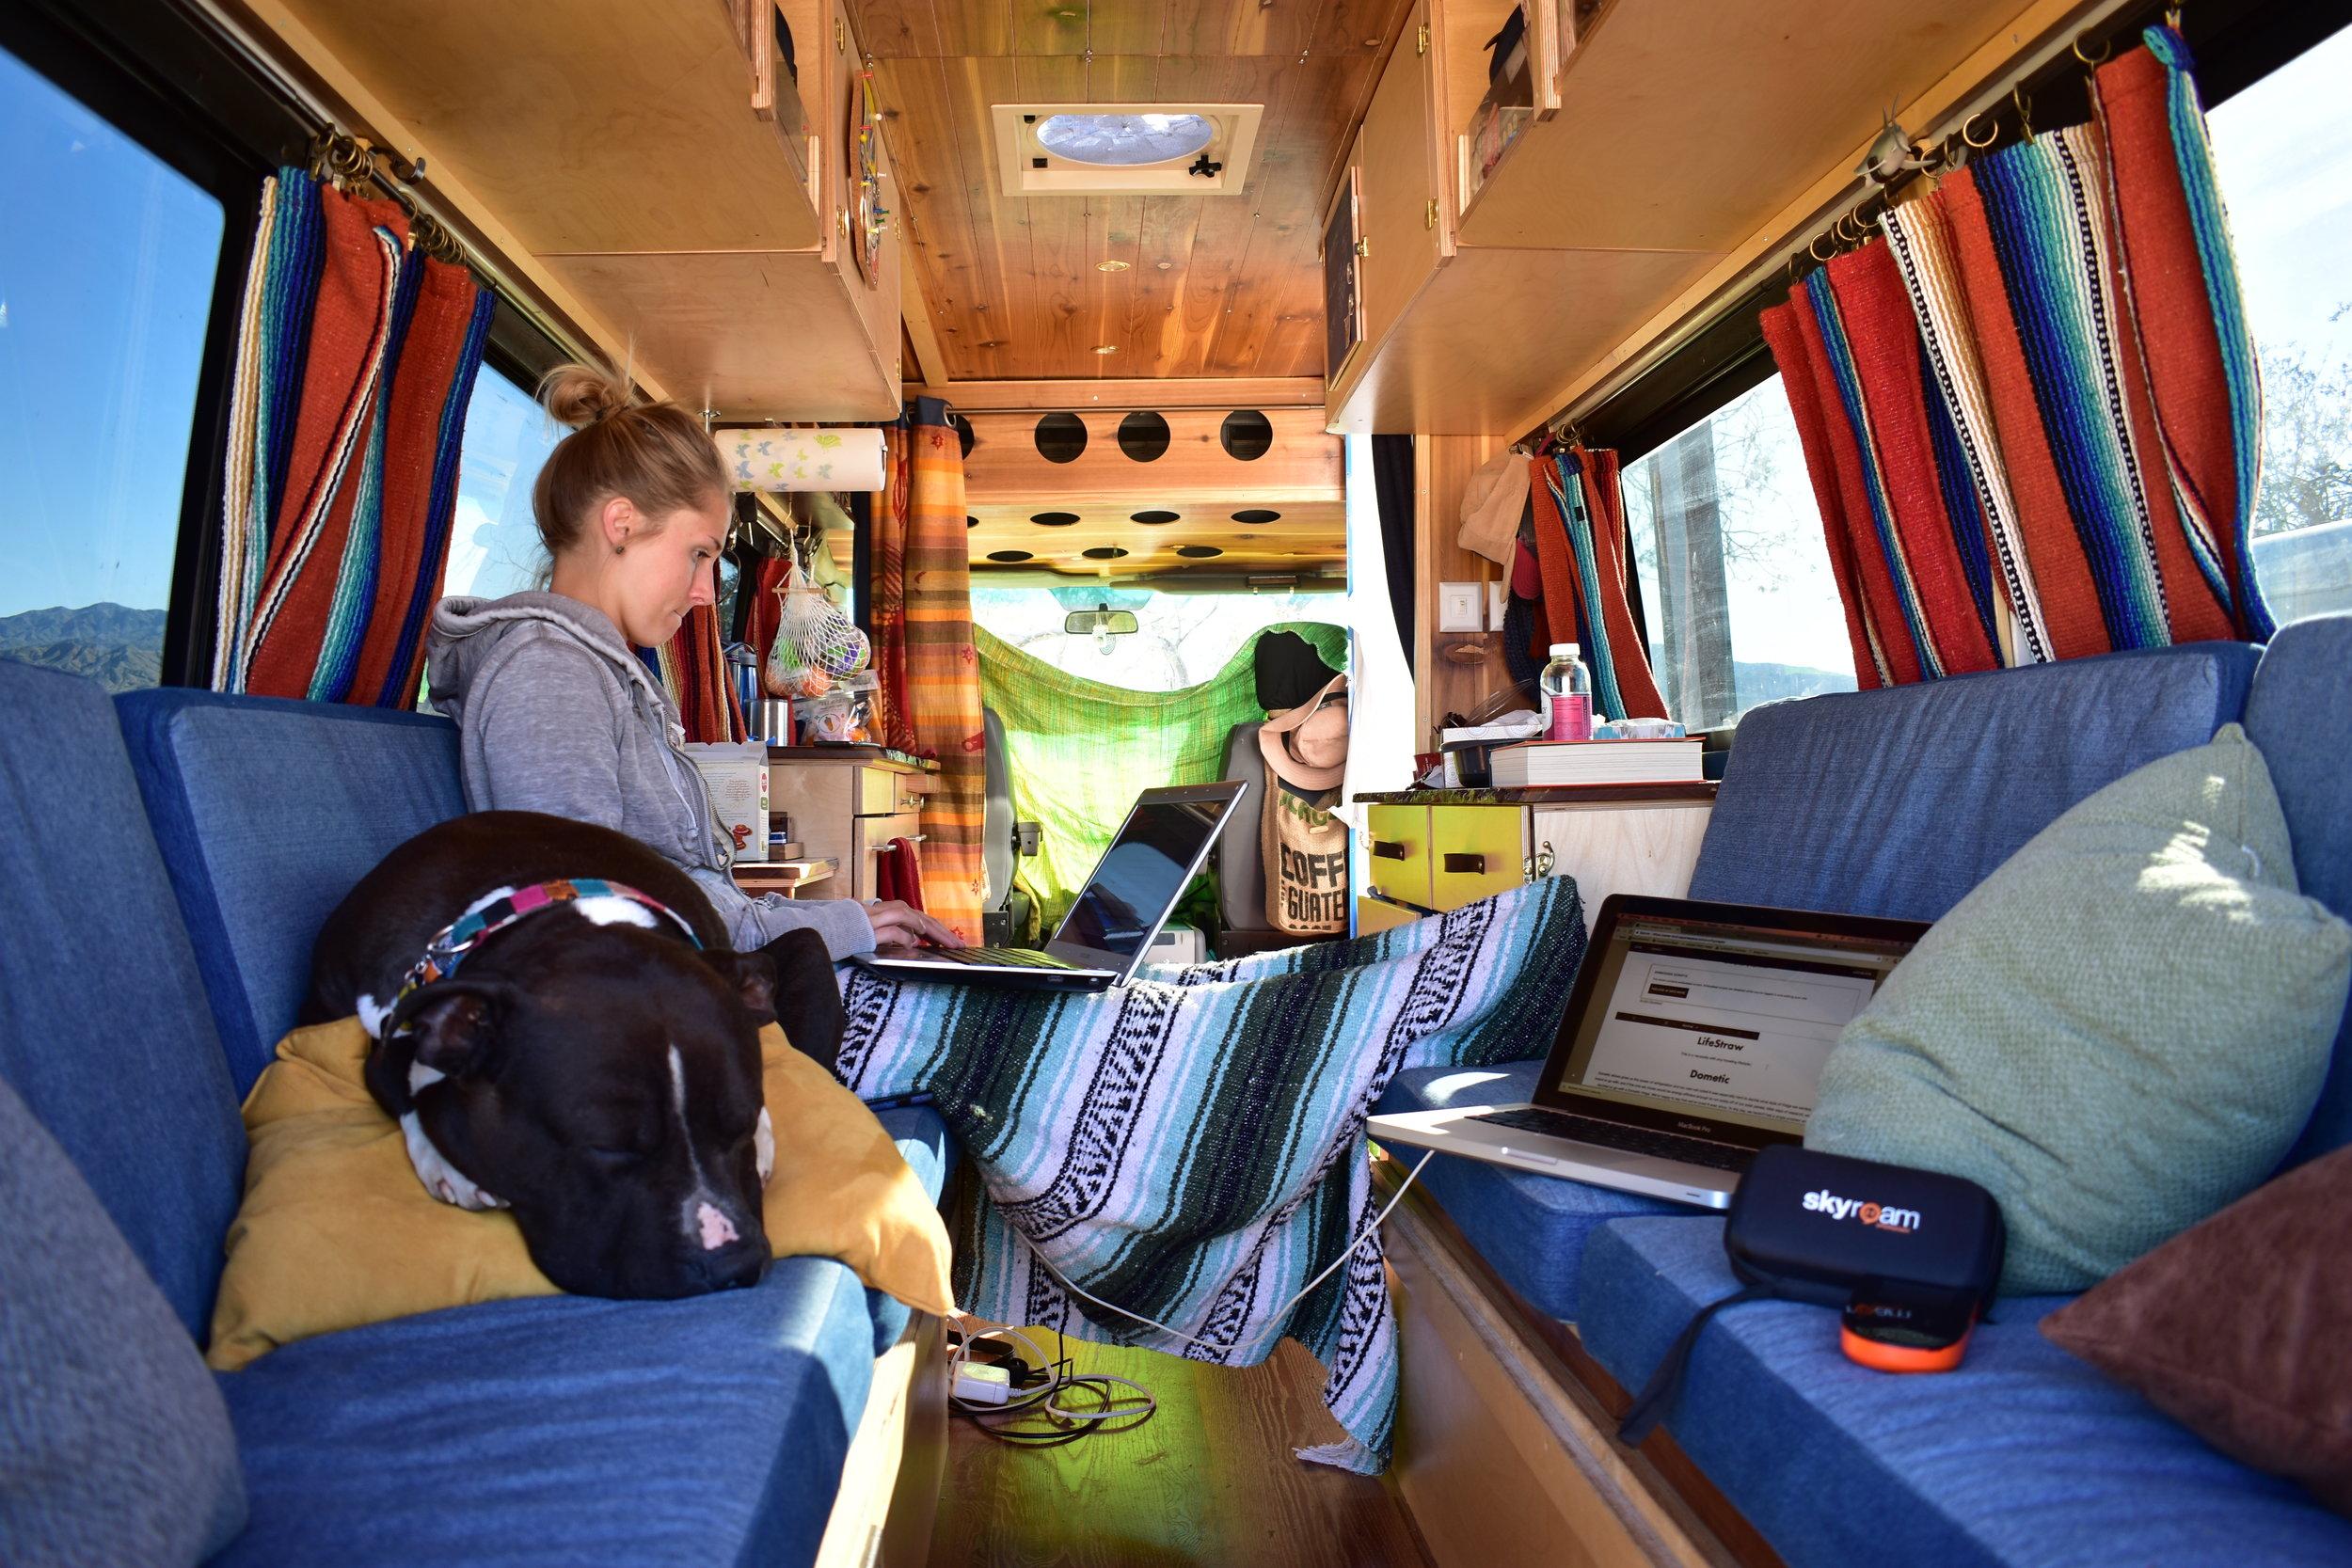 Digital nomads working in the van.